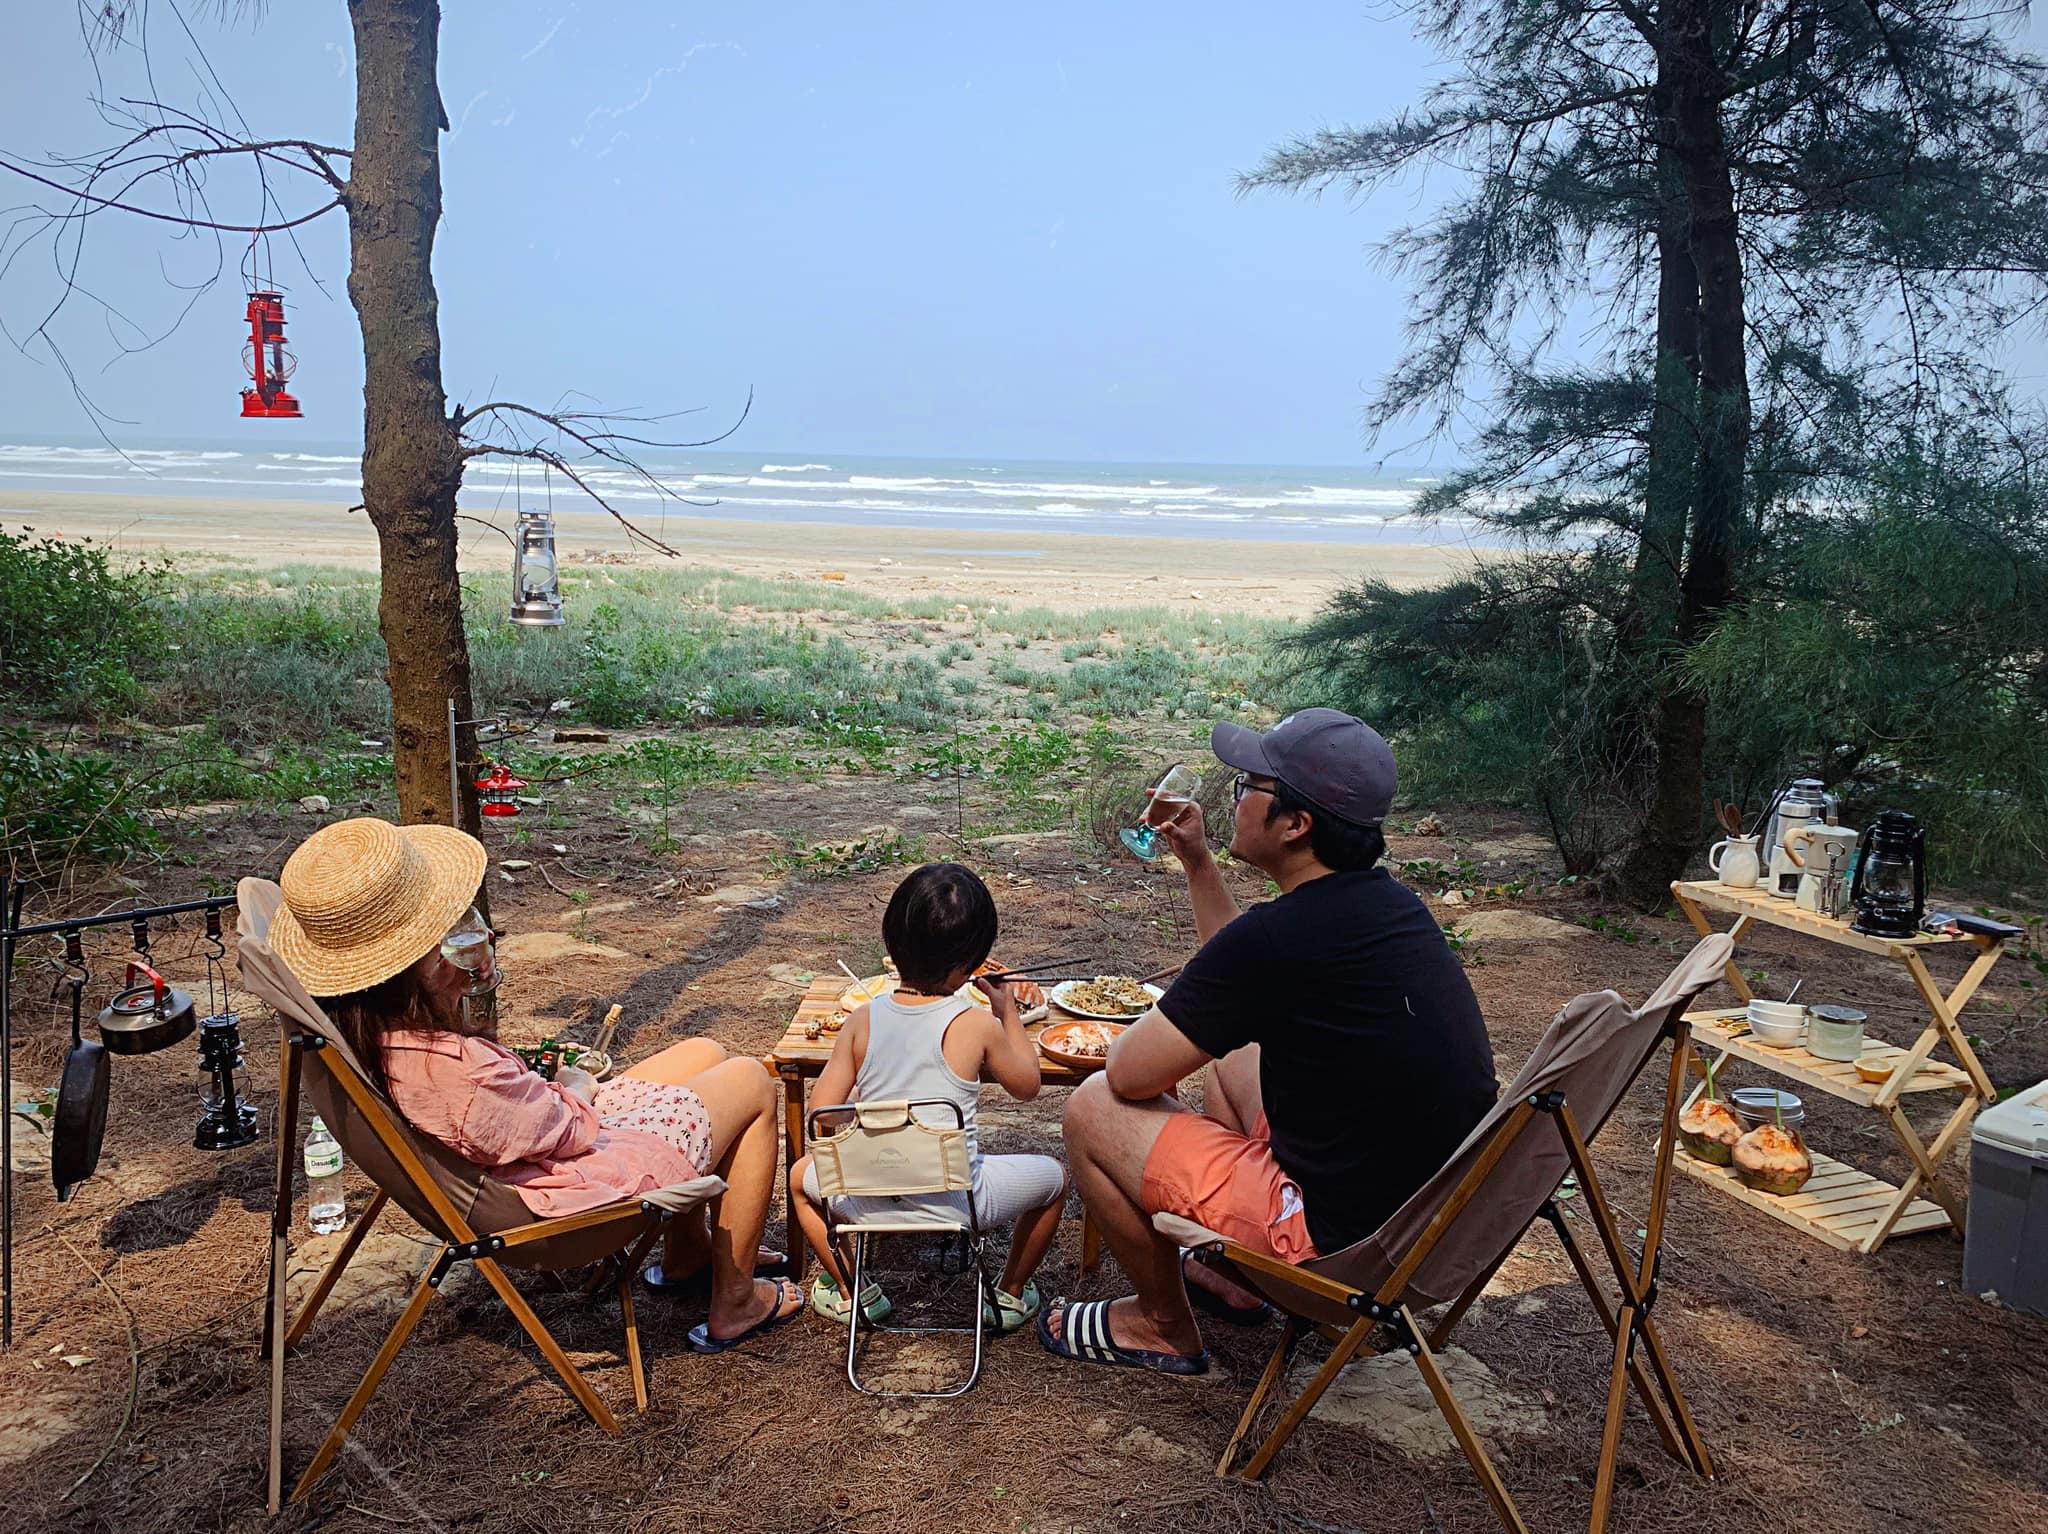 Muốn đi cắm trại từ núi non đến ven biển trong phạm vi 300km, chẳng thể bỏ lỡ những địa danh vô cùng đẹp, các camper nên chinh phục 1 lần - Ảnh 9.